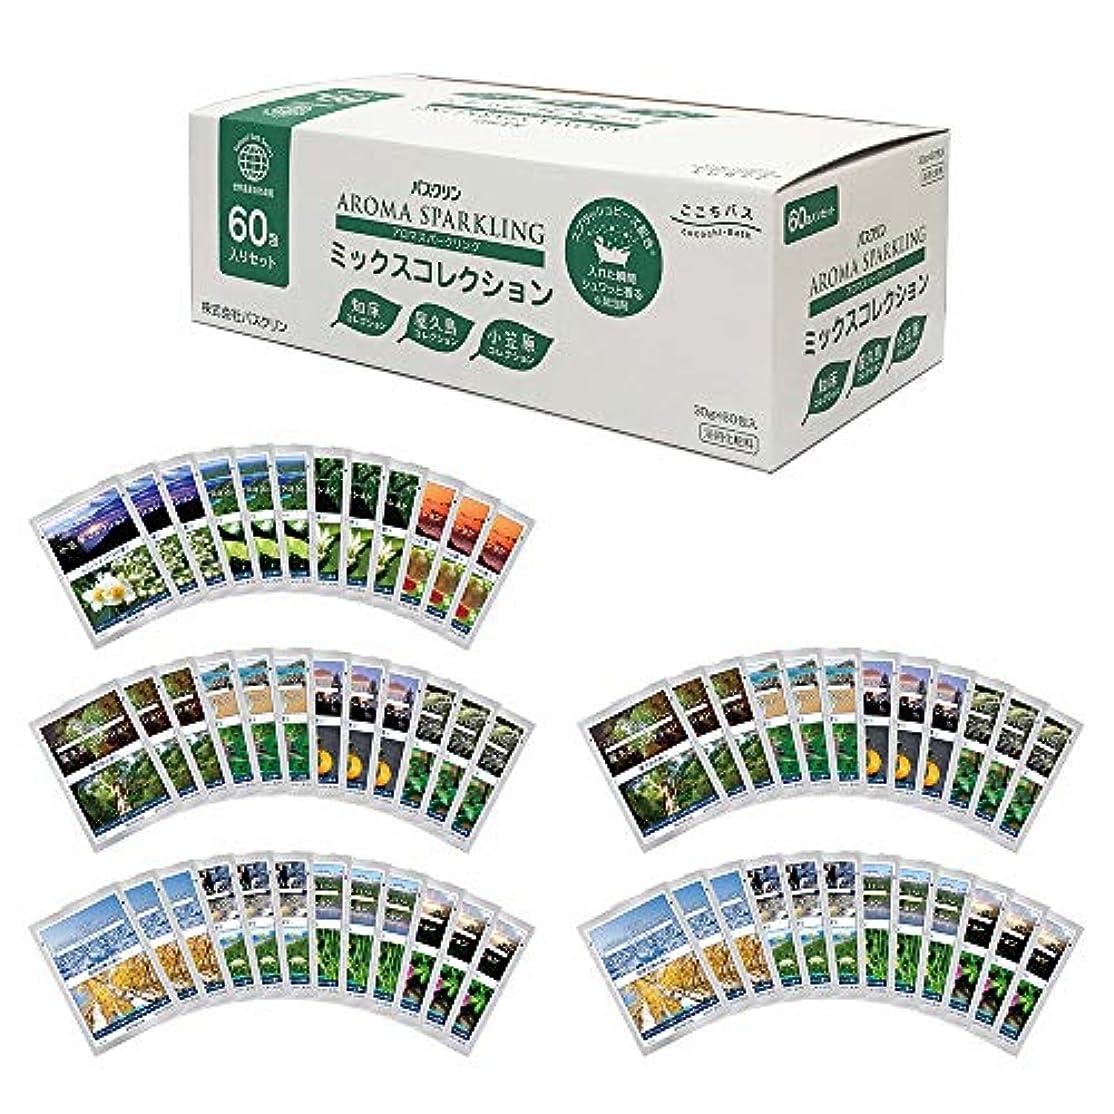 シエスタ陰謀地上で[Amazon限定ブランド] ここちバス バスクリン 入浴剤  アロマスパークリング ミックスコレクション 60包入り 個包装 詰め合わせ